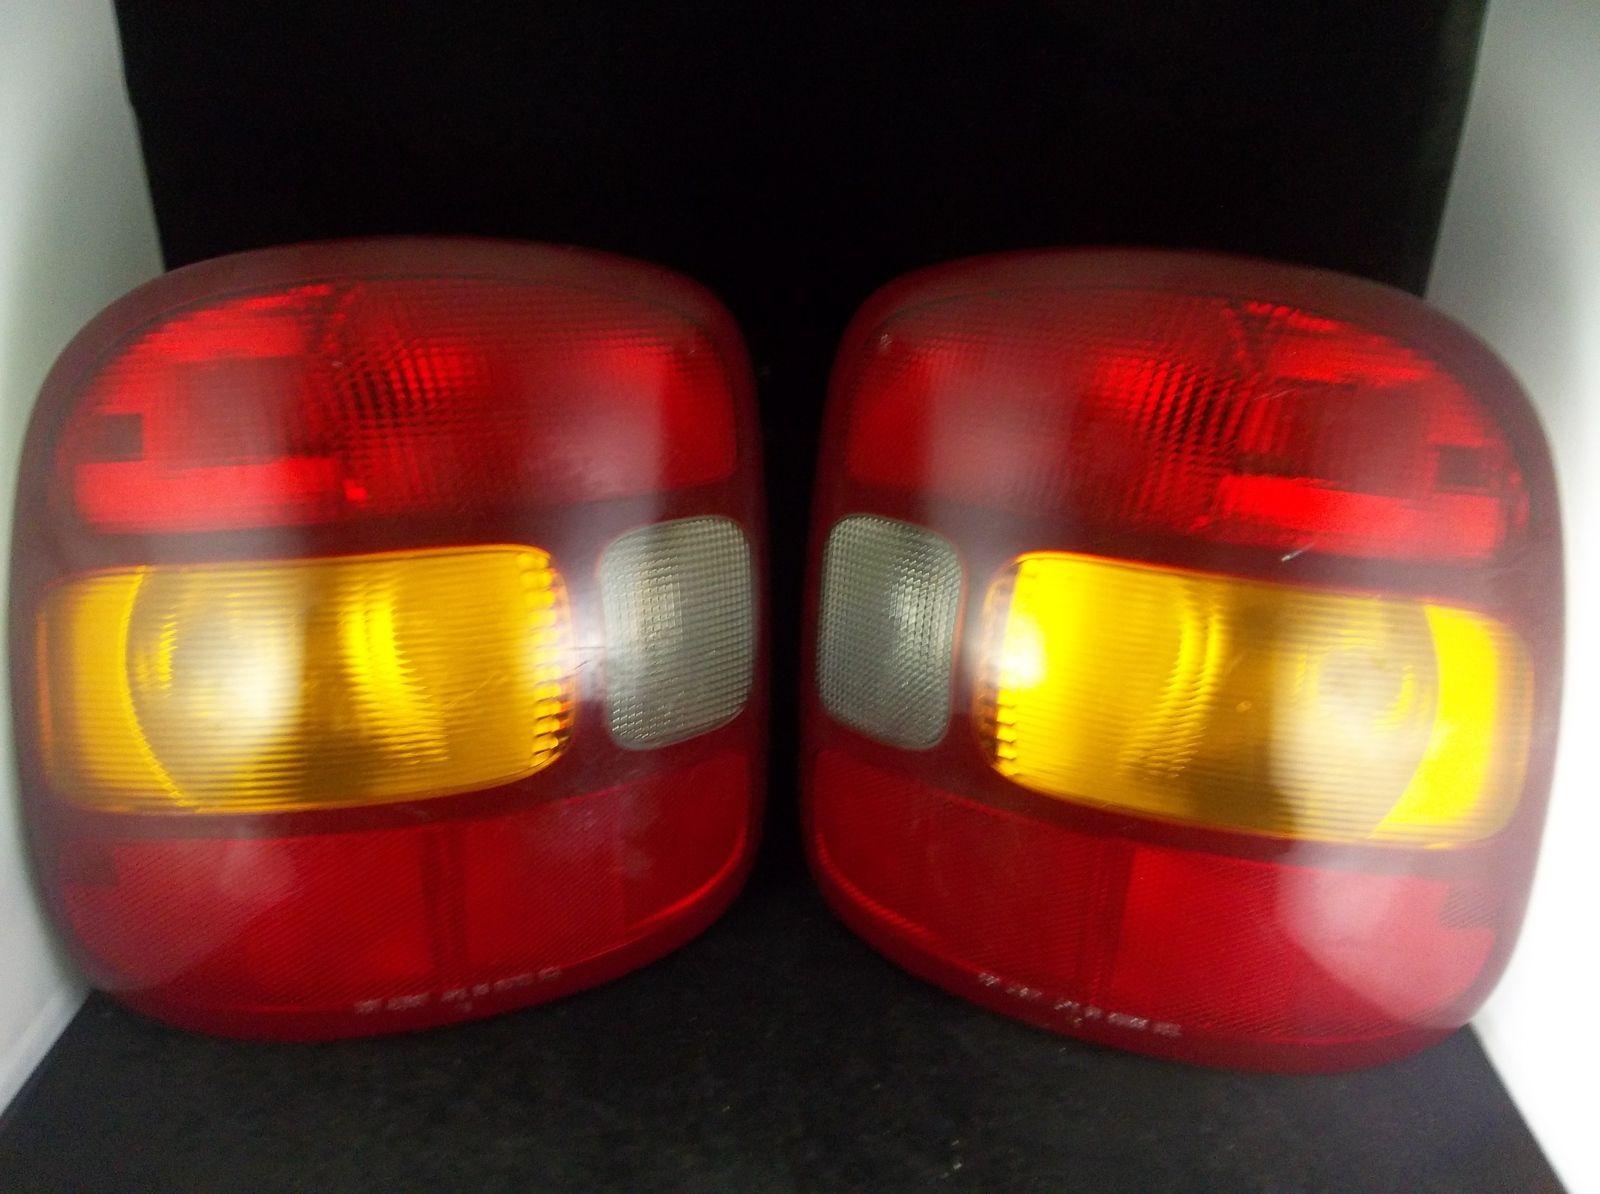 1999 2003 Chevrolet Silverado Gmc Sierra Stepside Tail Lights Pair Oem 16524913a Chevrolet Silverado Tail Light Silverado